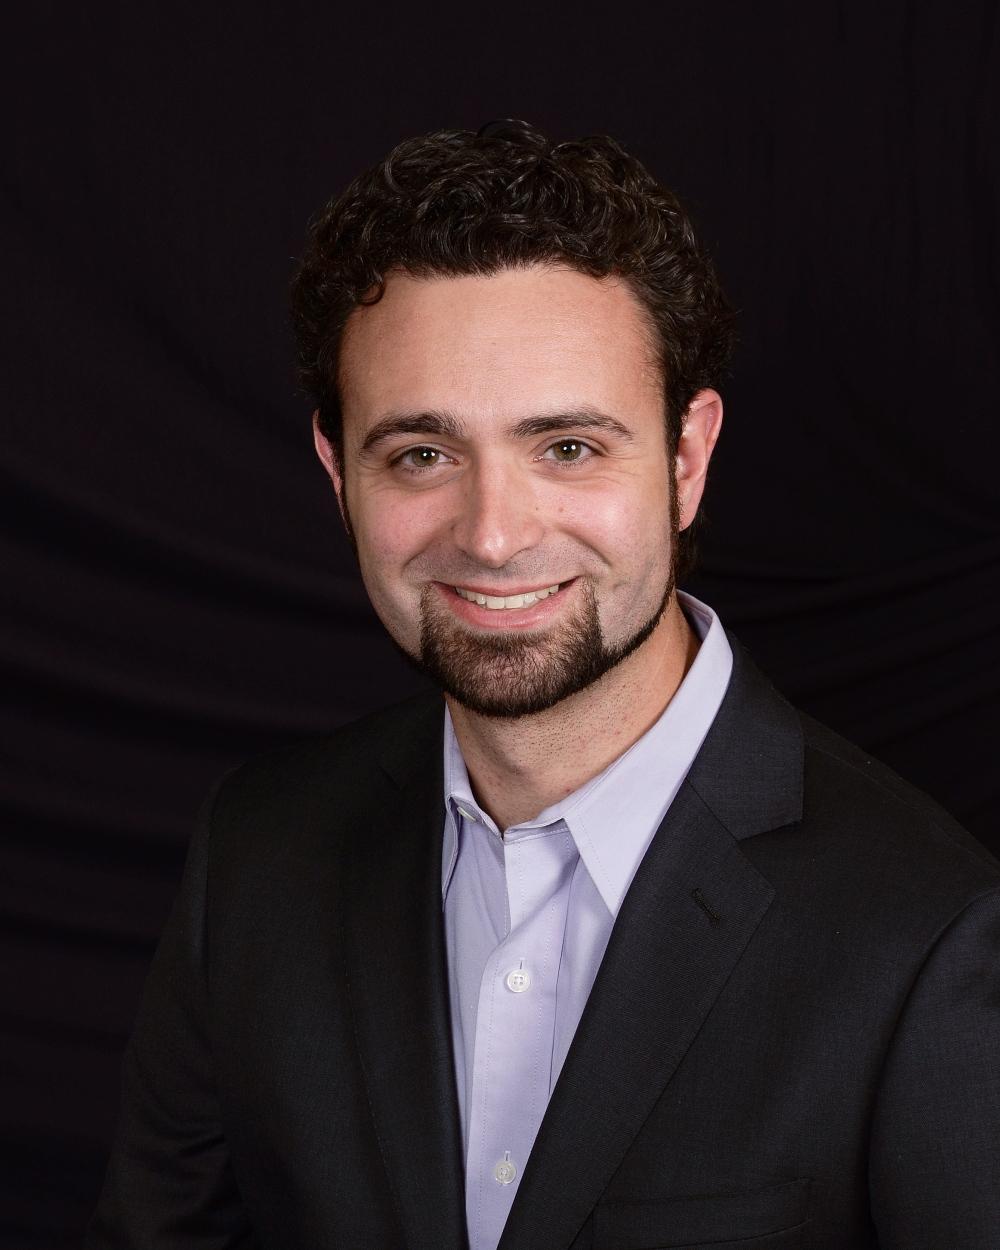 Pastor Mark Miller